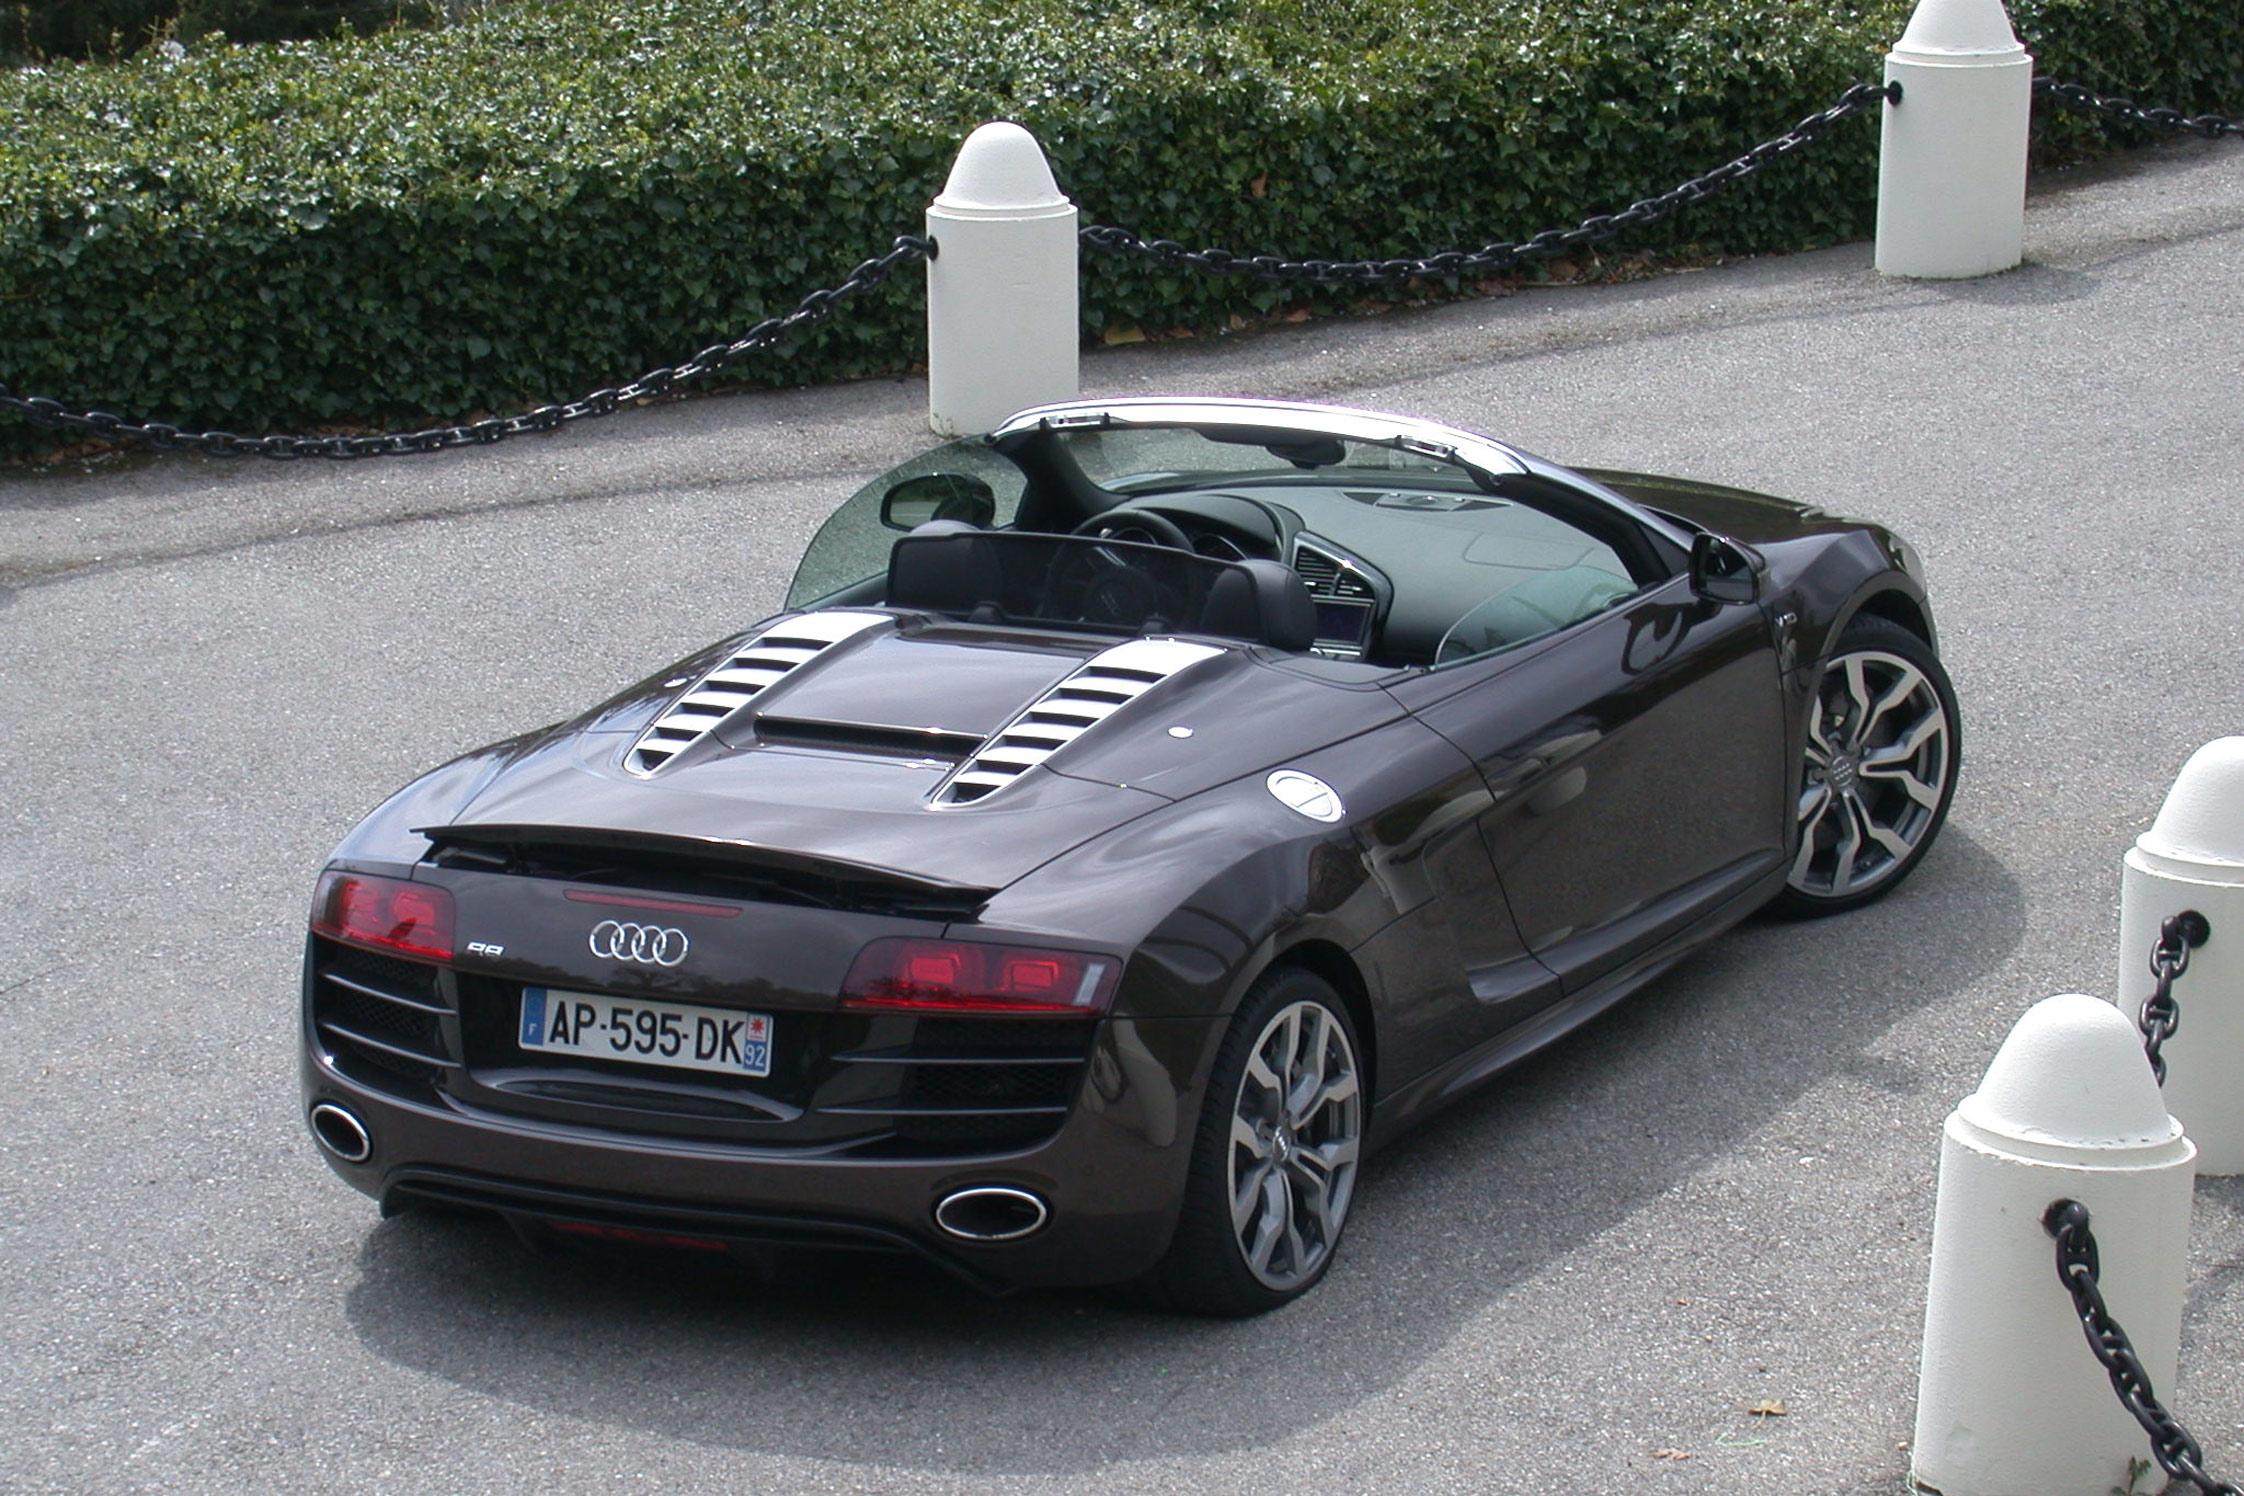 Essai Audi R8 Spyder Motorlegend